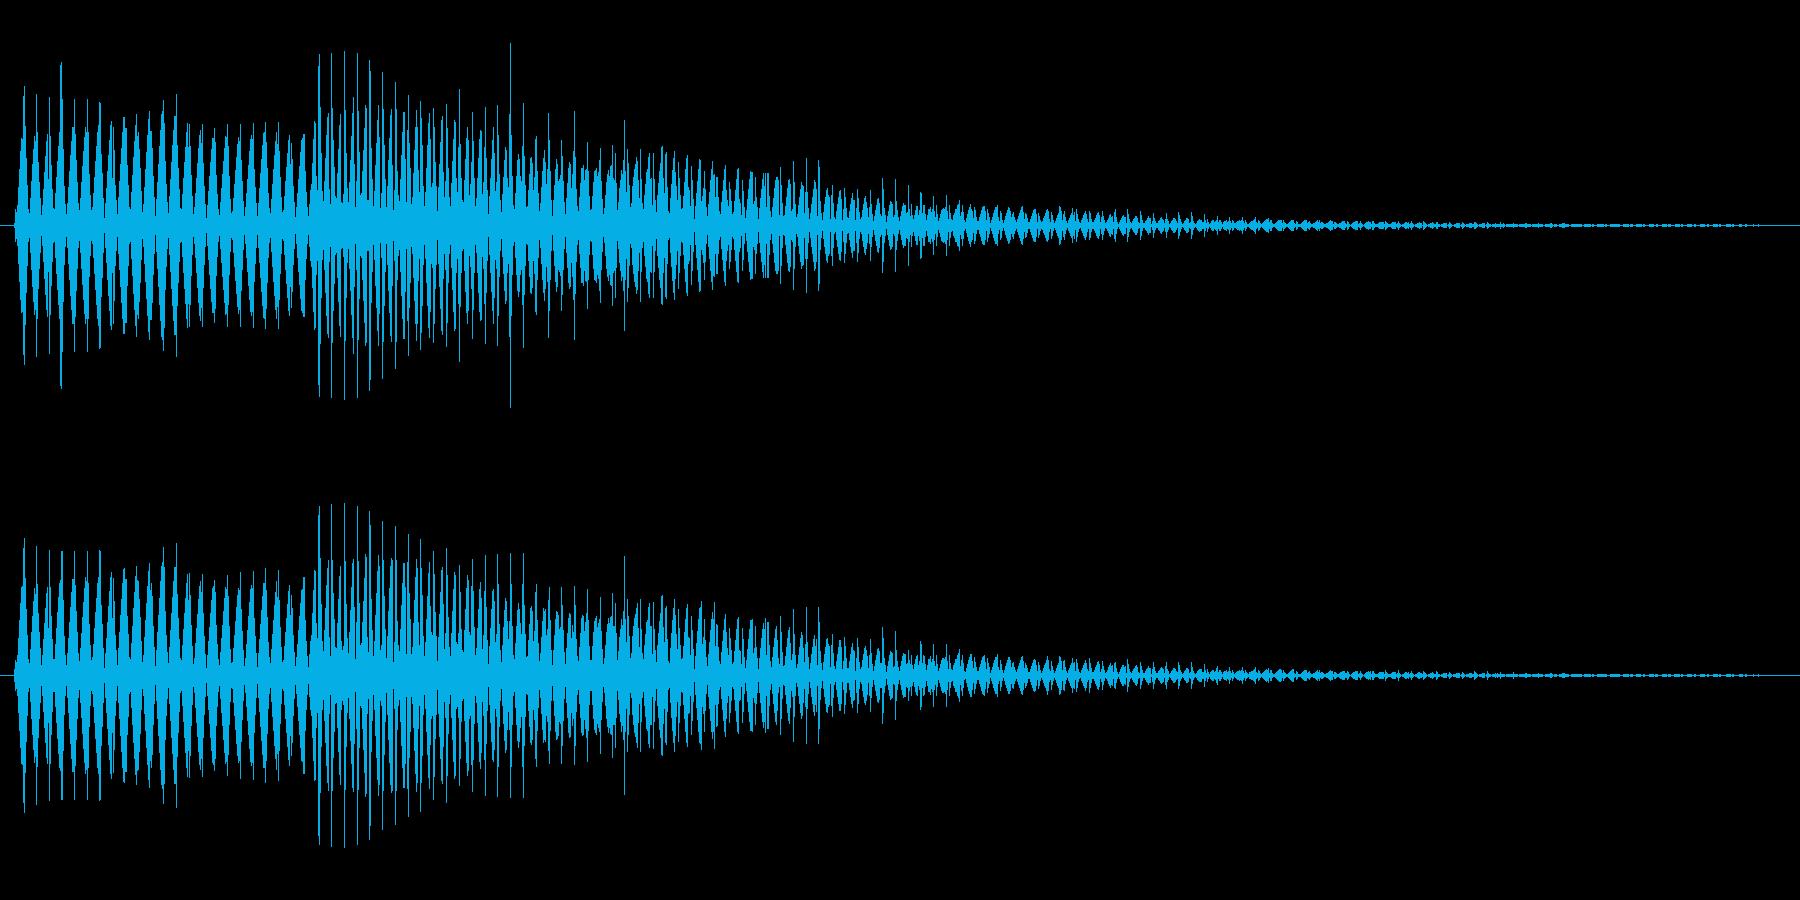 ヴゥワーン(恥、憂鬱などの感情)の再生済みの波形